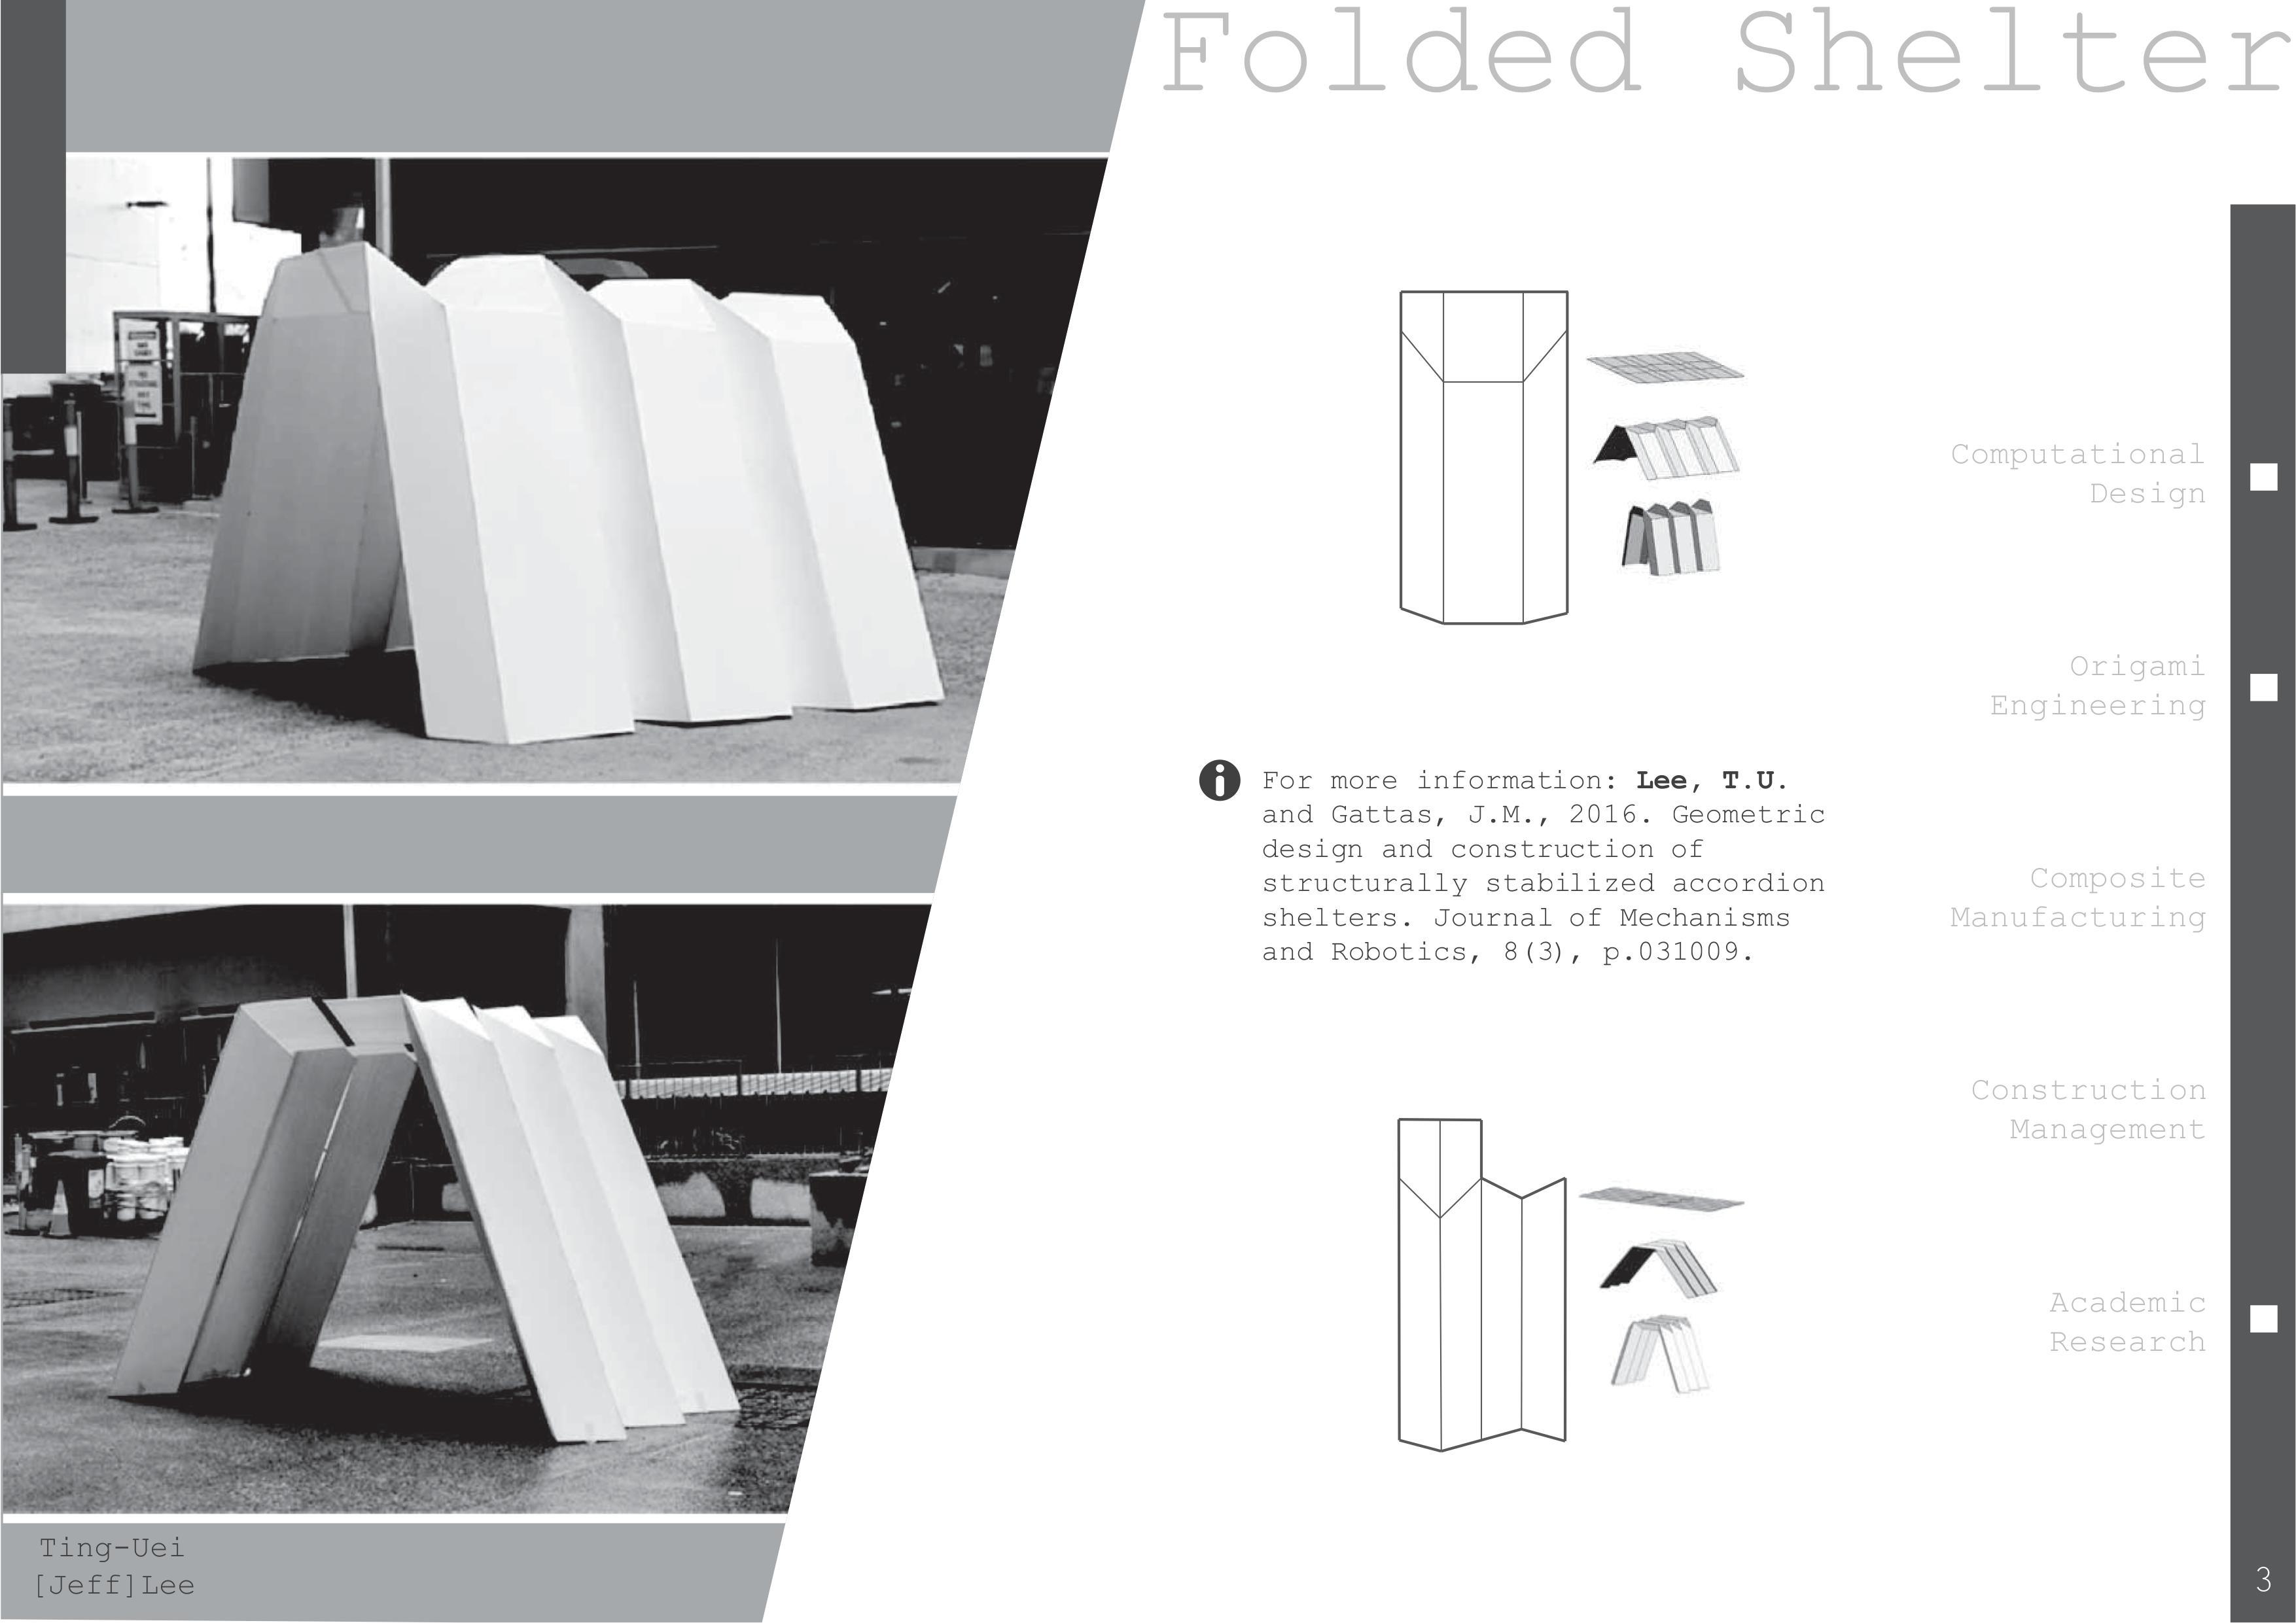 Folded Shelter